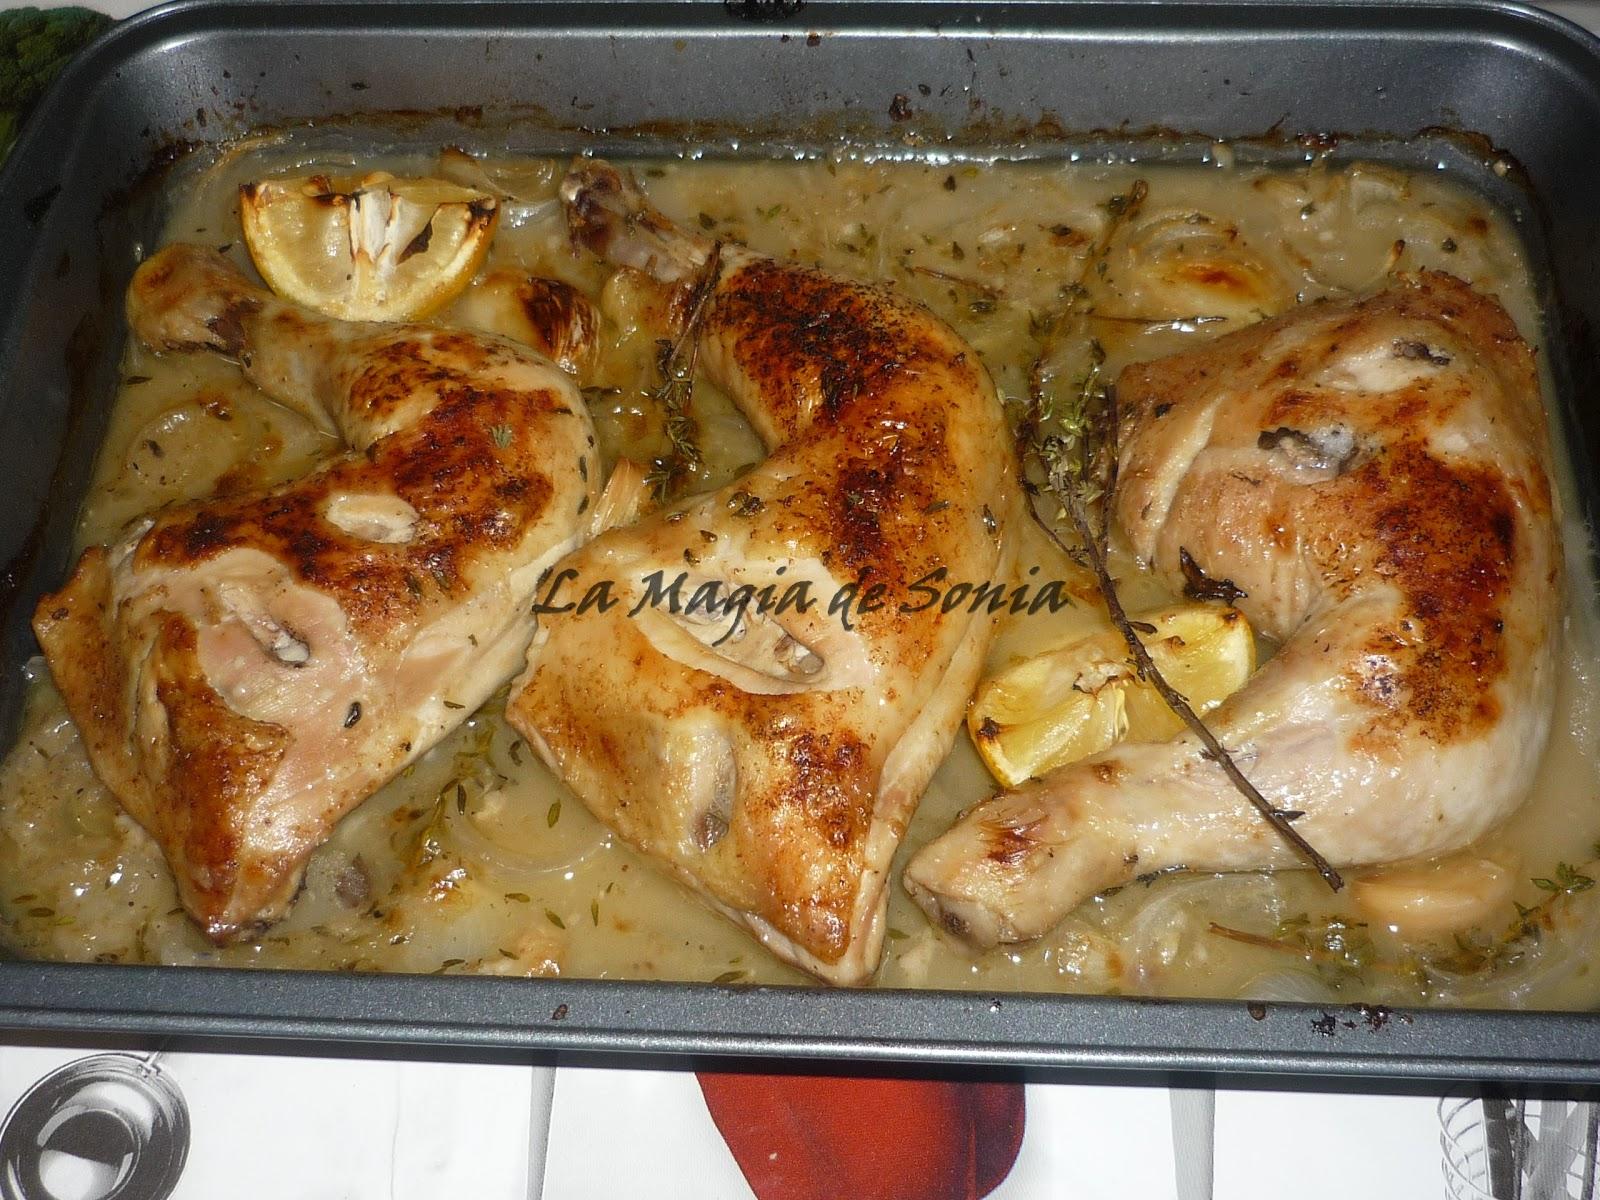 La Magia de Sonia: Pollo Asado Con Tomillo y Limón.